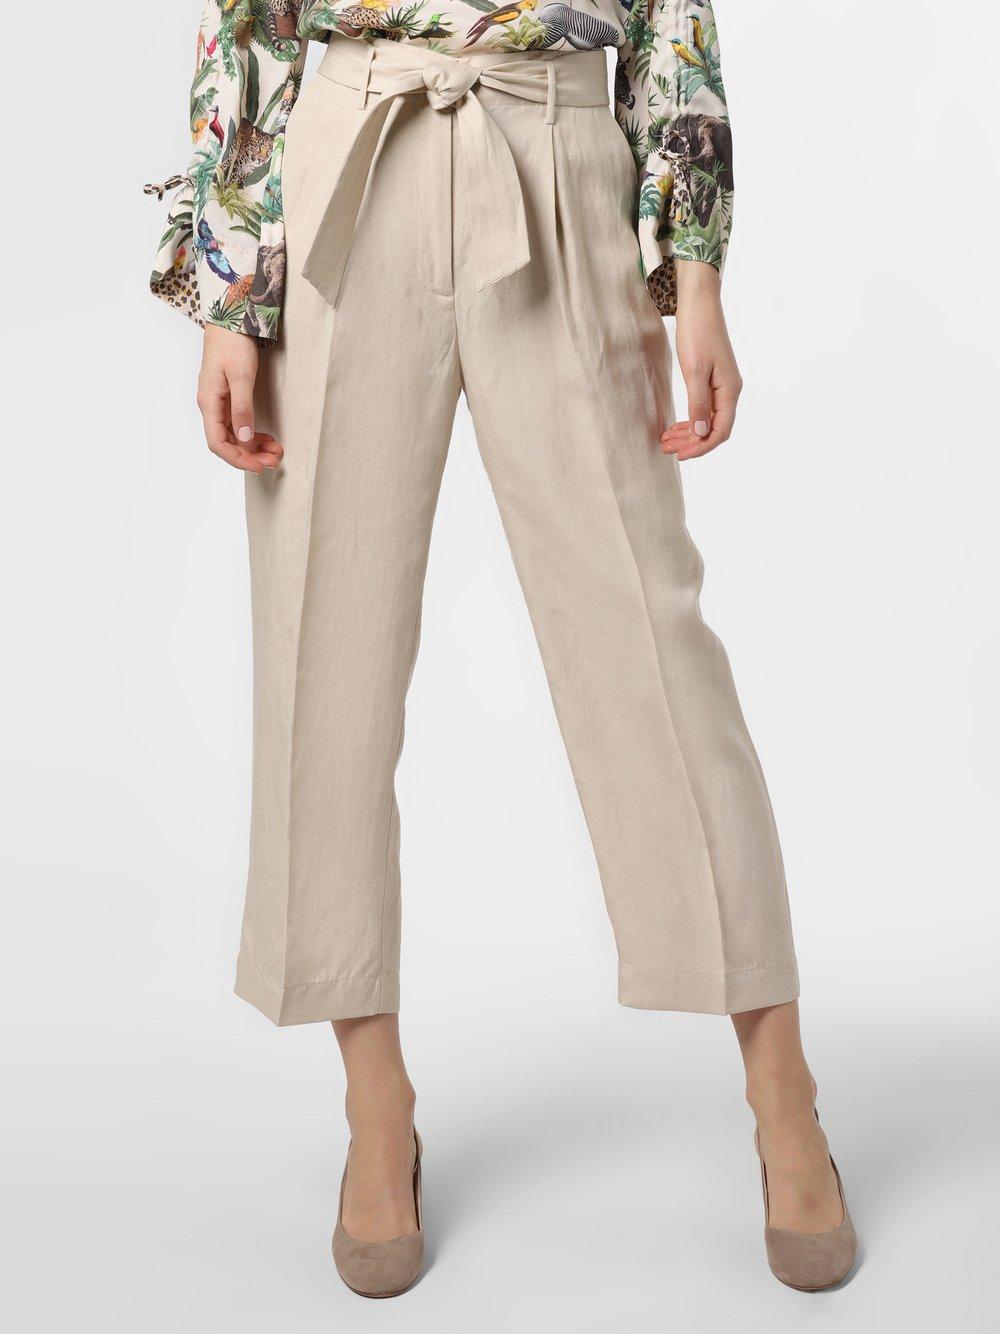 IPURI - Spodnie damskie z dodatkiem lnu, beżowy